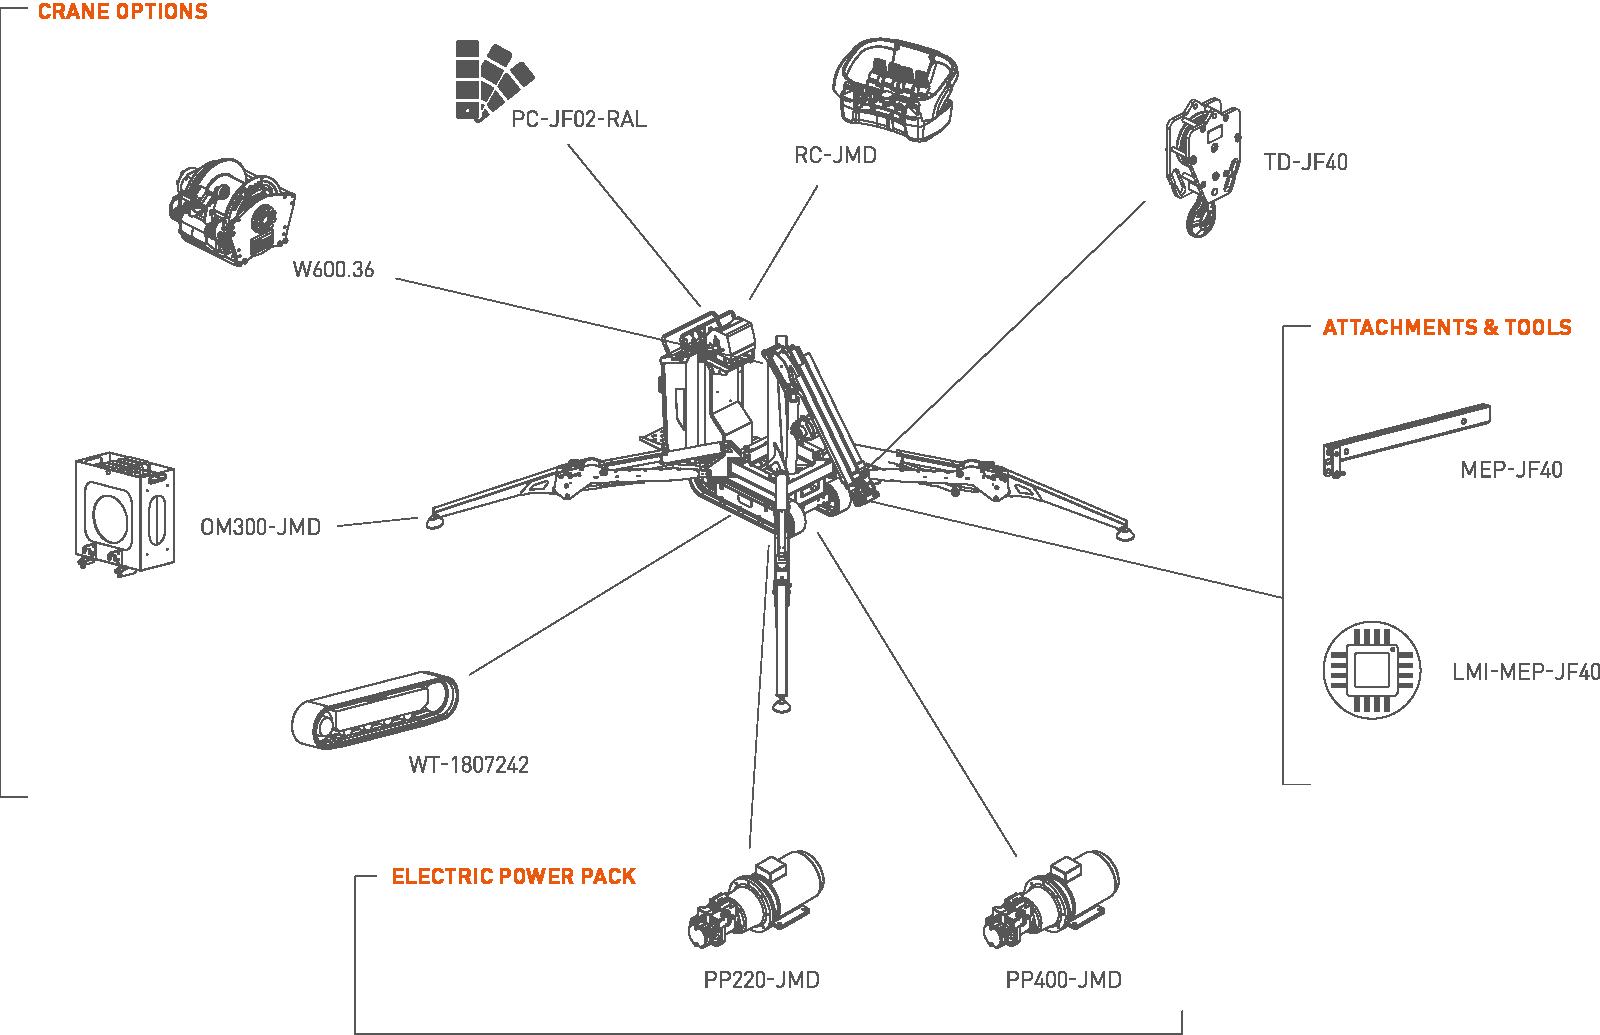 jekko-JF40-crane-options